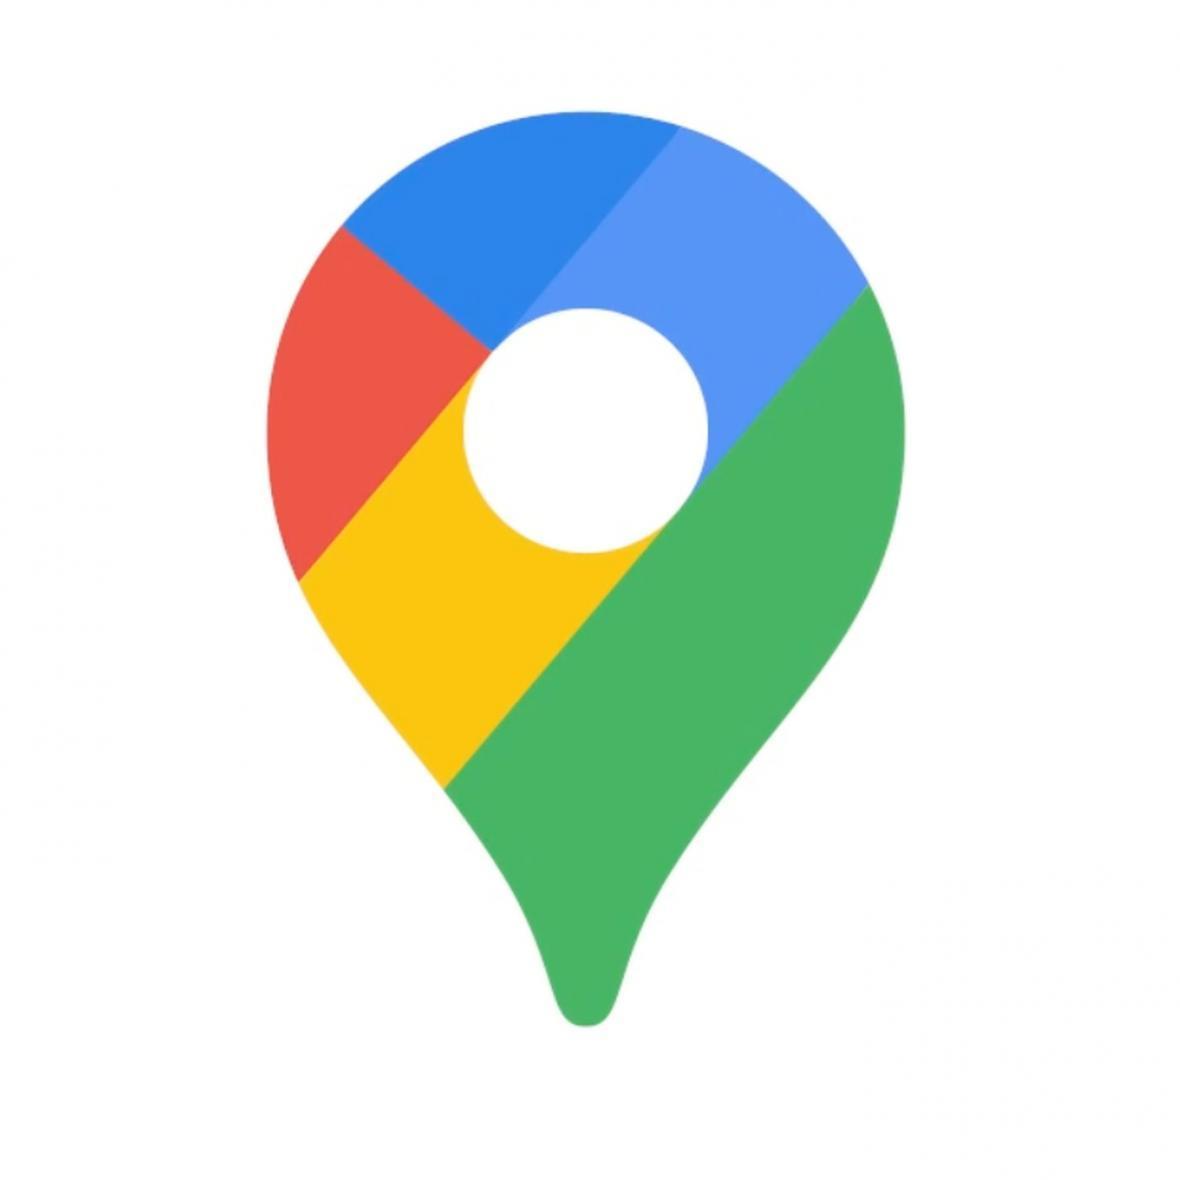 دانلود Google Maps 10.38.3 برنامه مشاهده نقشه های گوگل